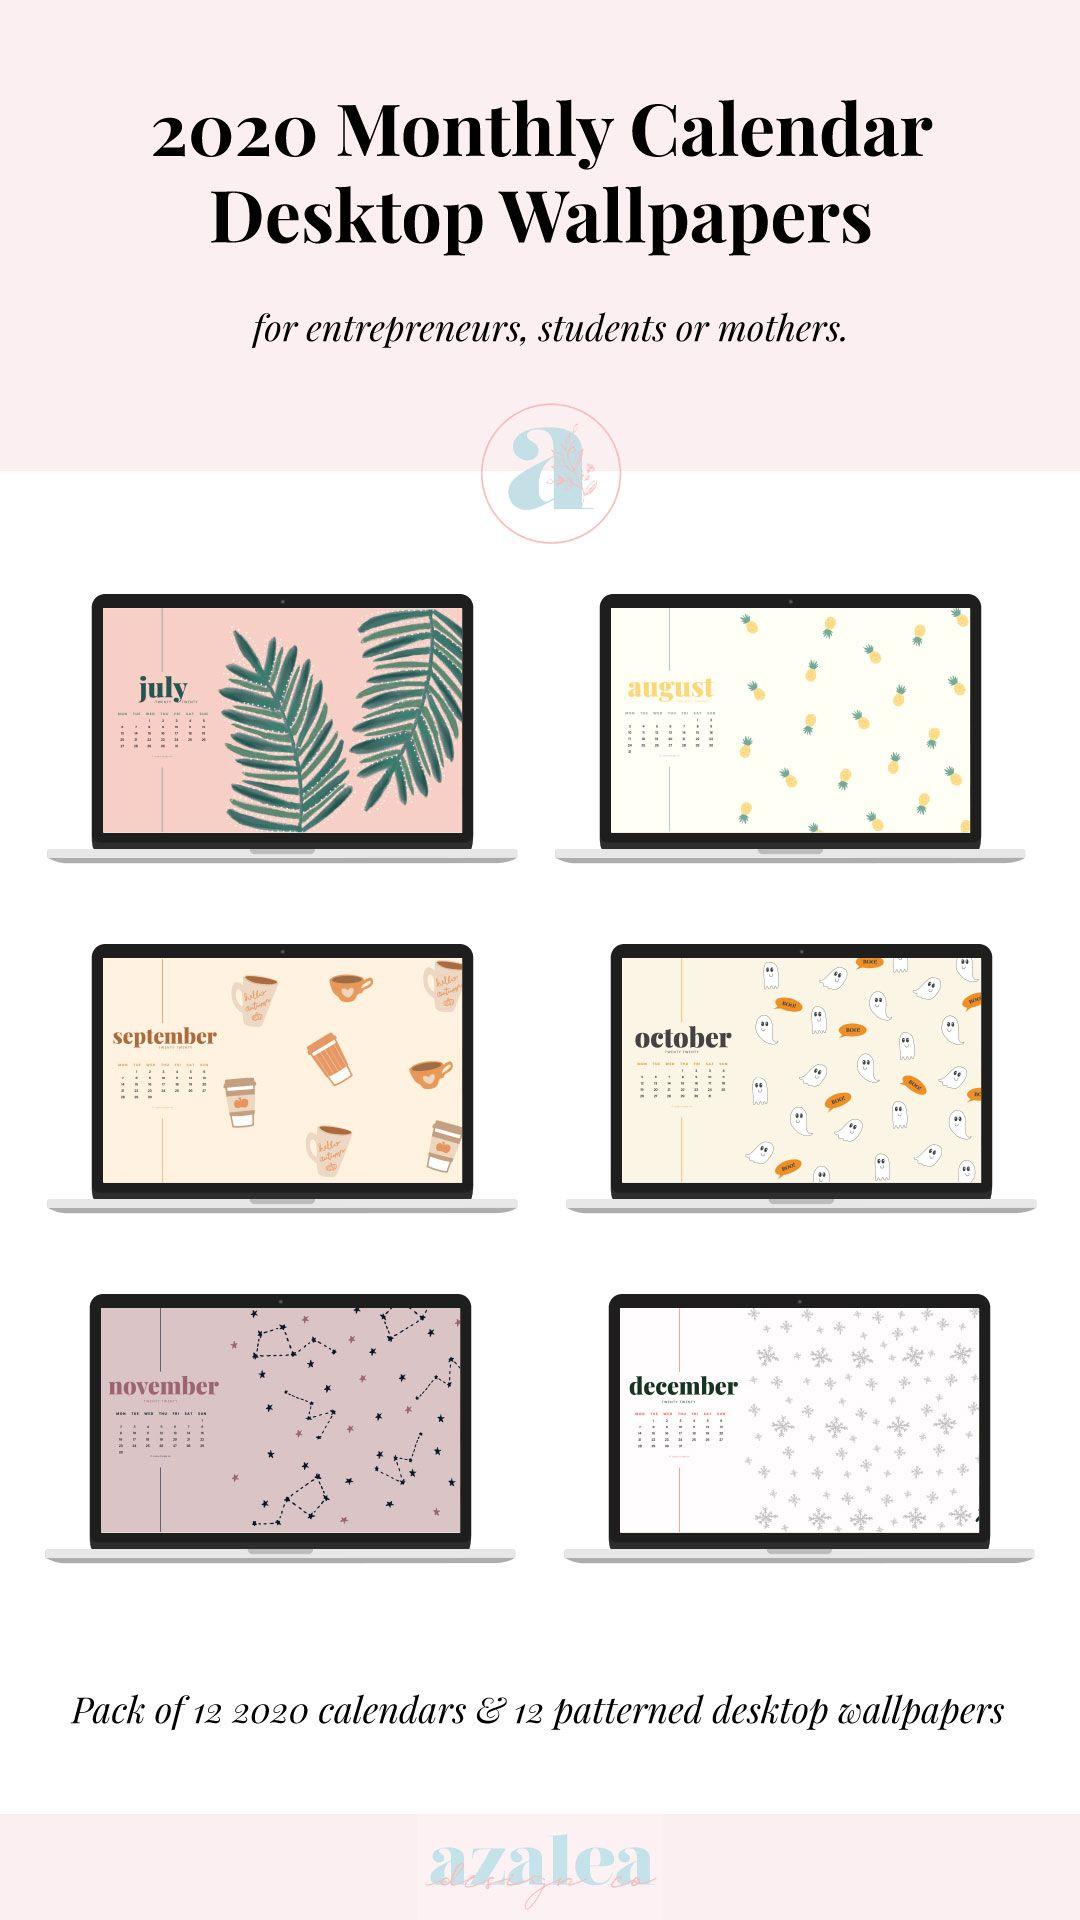 2021 Monthly Desktop Calendars Desktop Wallpaper Instant | Etsy